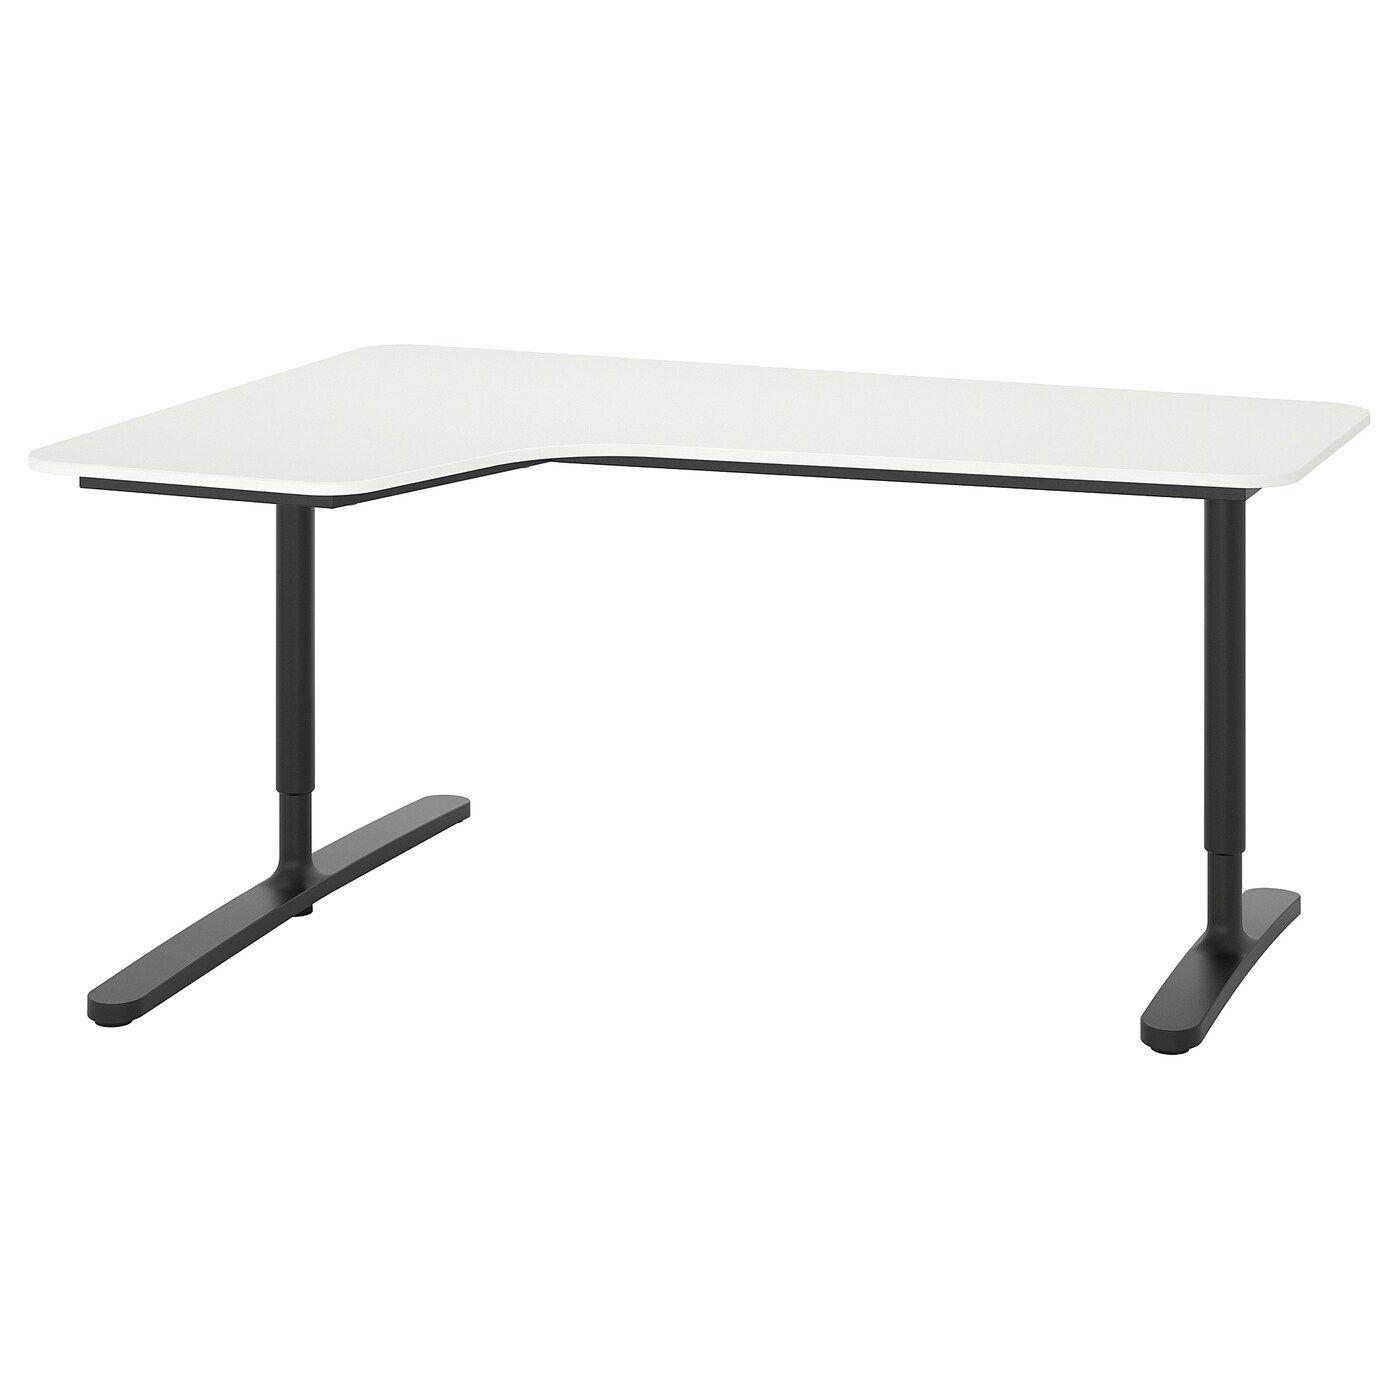 Bekant Corner Desk Left White Black Ikea In 2020 Ikea Bekant Ikea Black Corner Desk